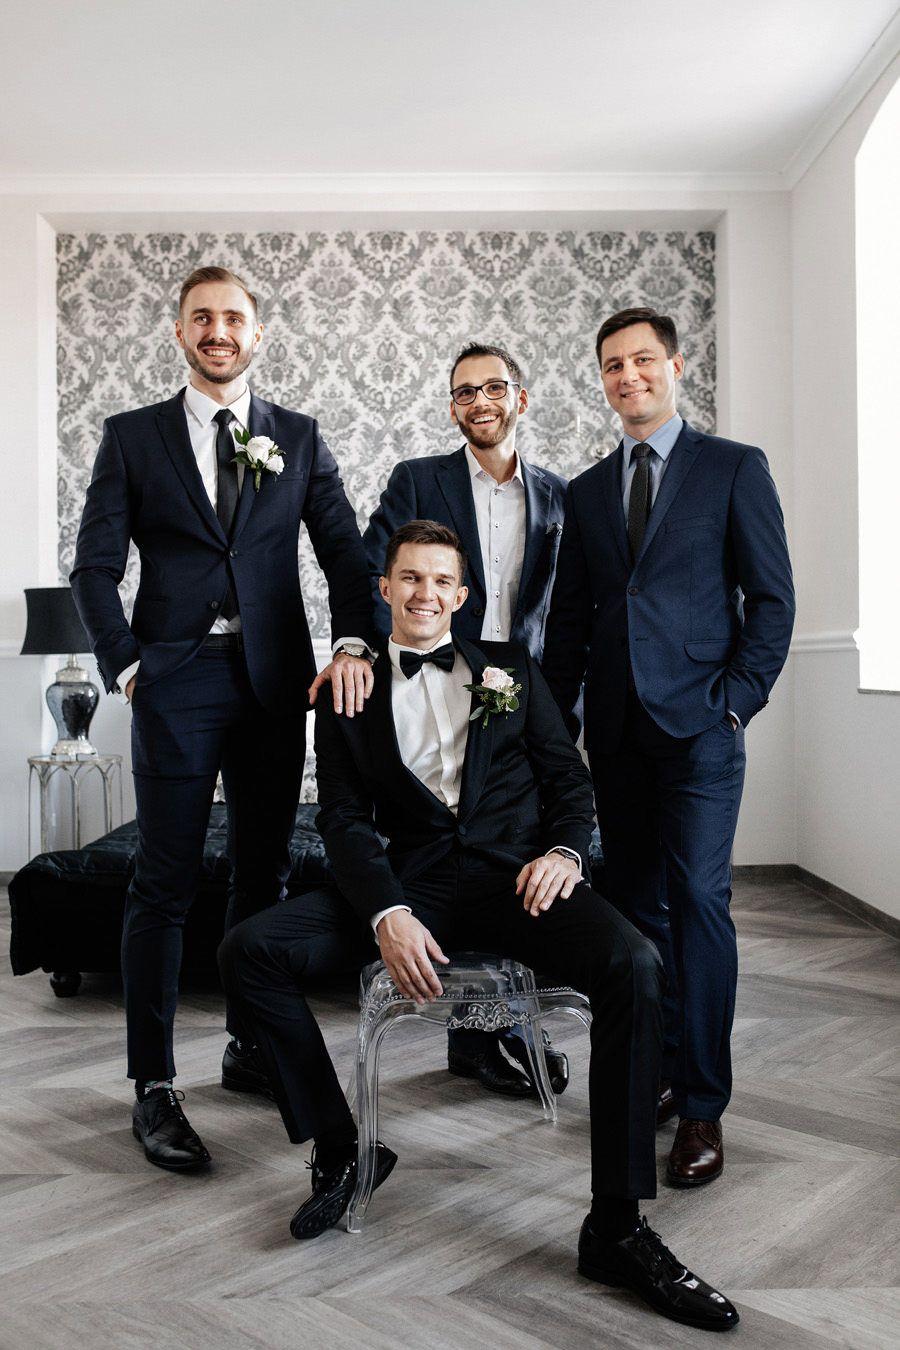 Pan Mlody Inspiracje Slub W Palacu Elegancki Slub Druzbowie Na Slubie Weding Weeding Style